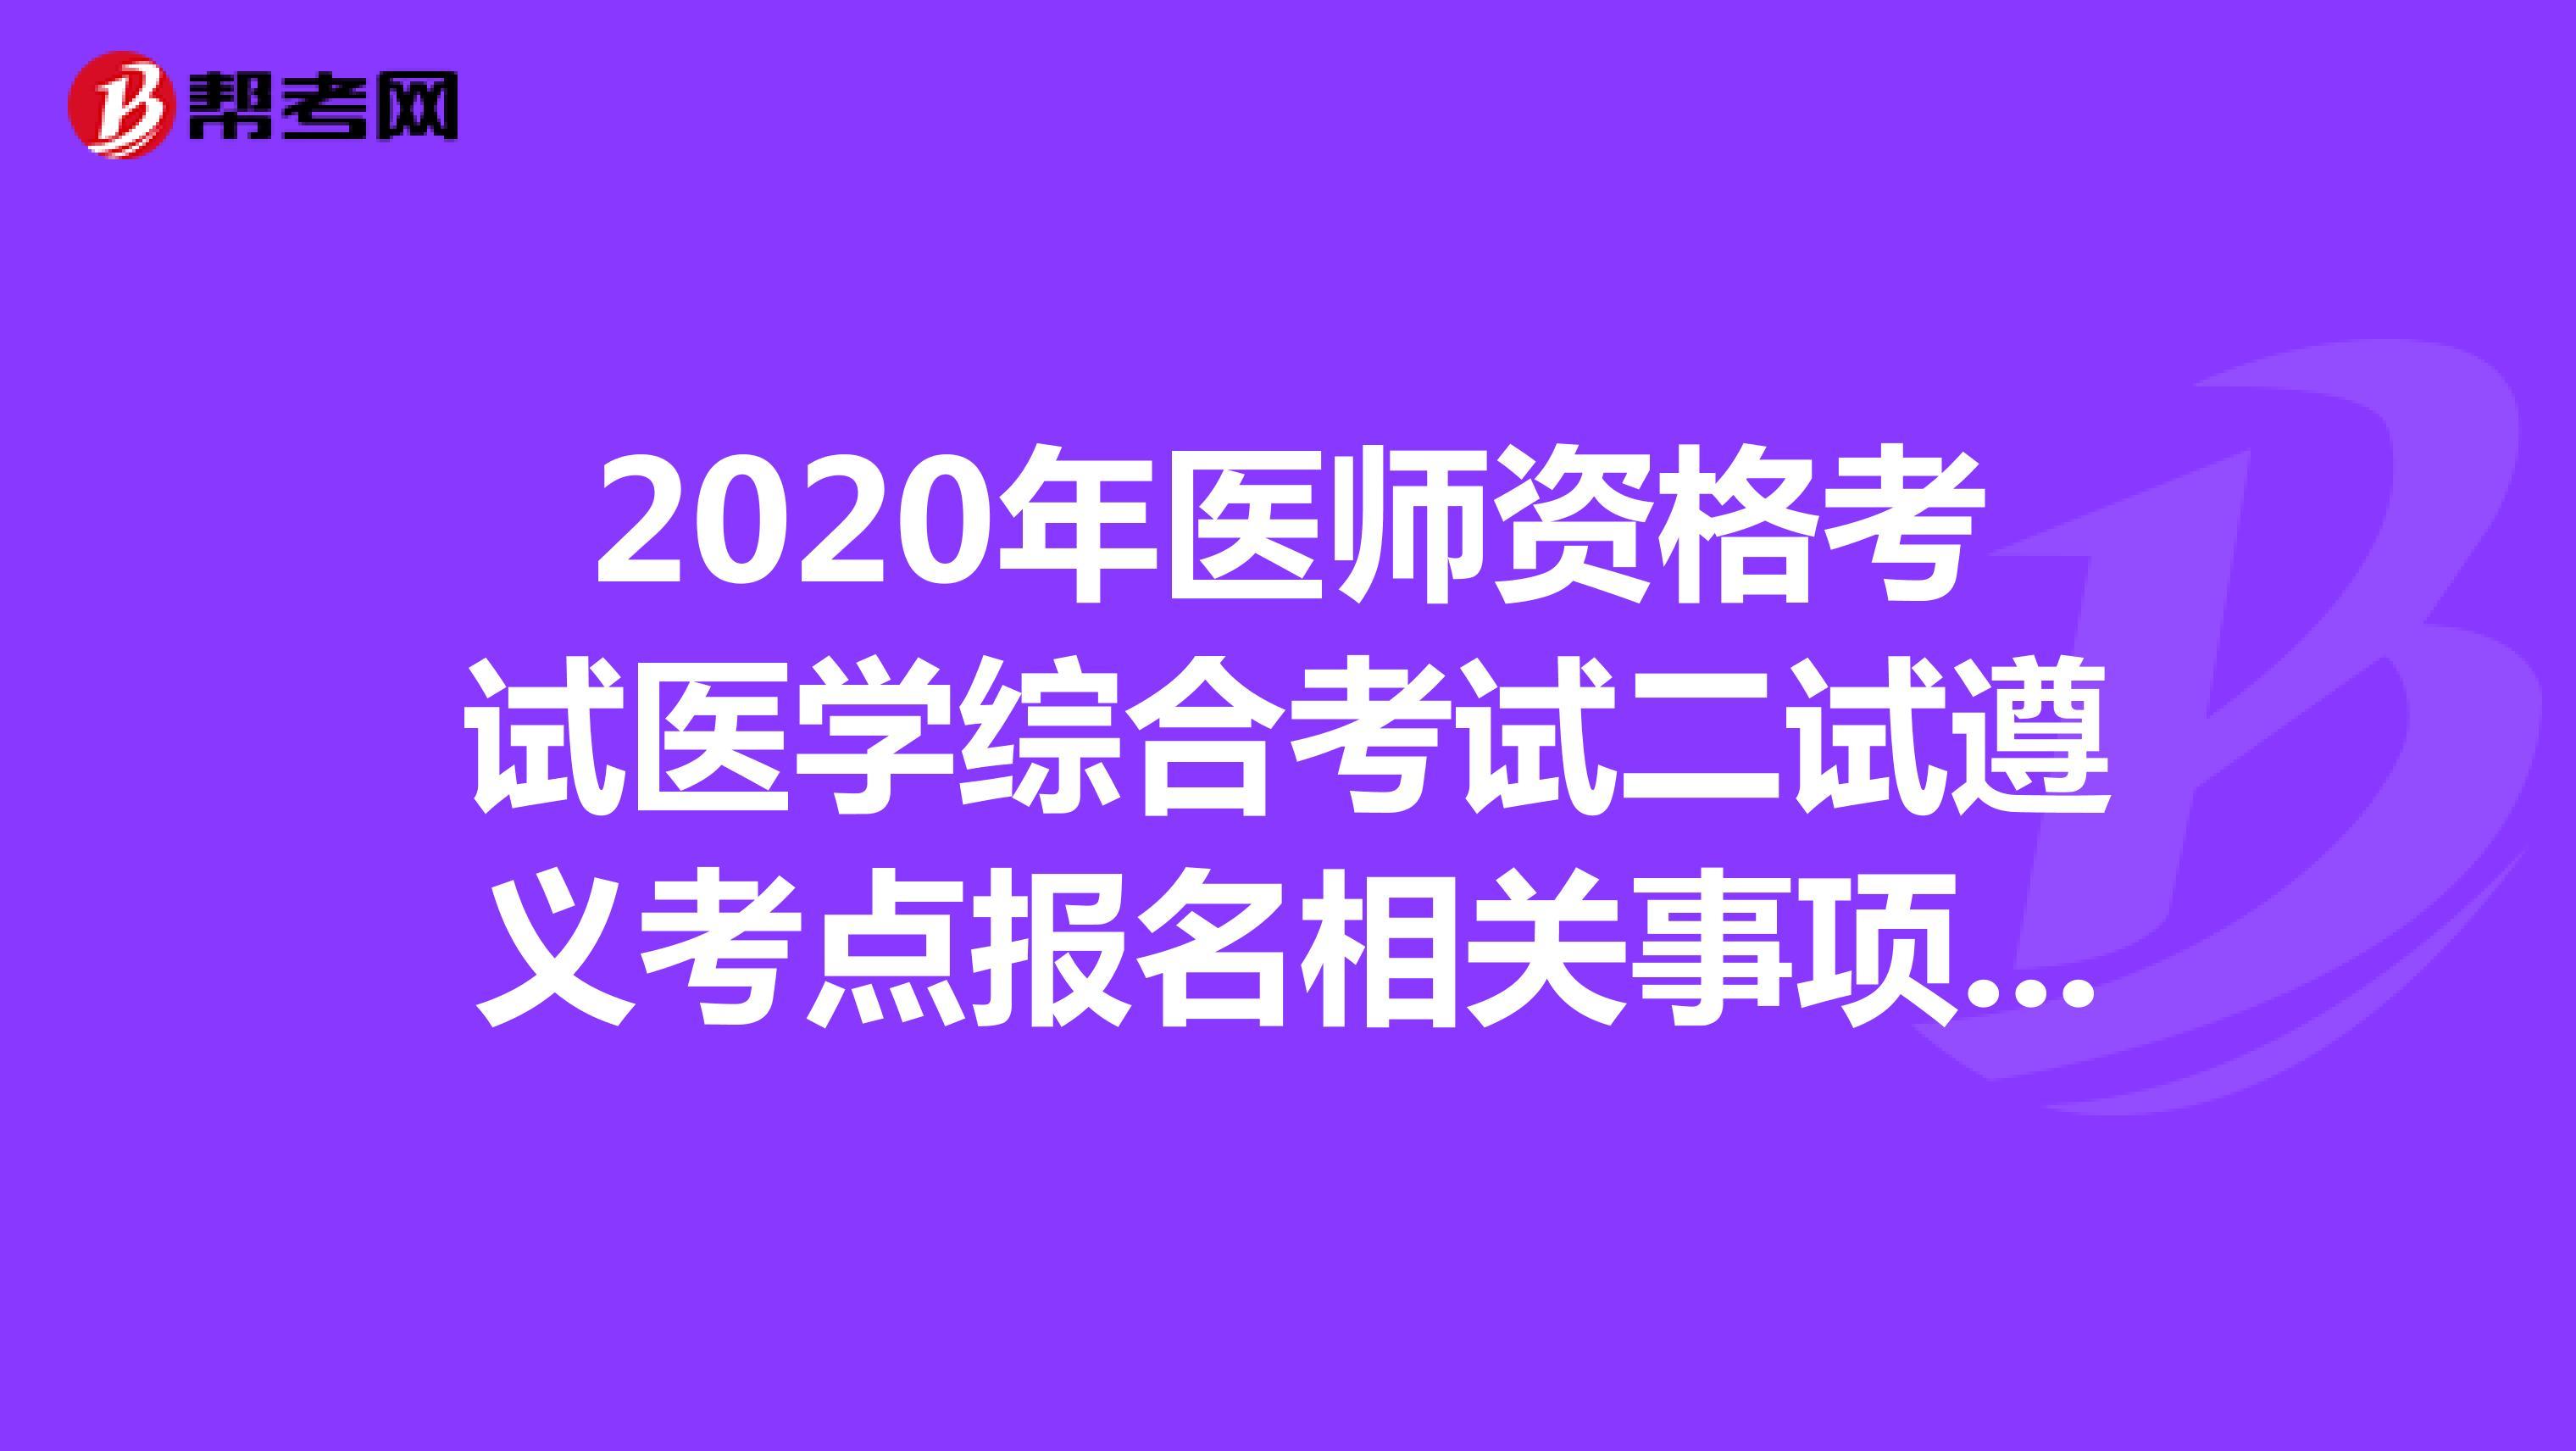 2020年医师资格考试医学综合考试二试遵义考点报名相关事项公告